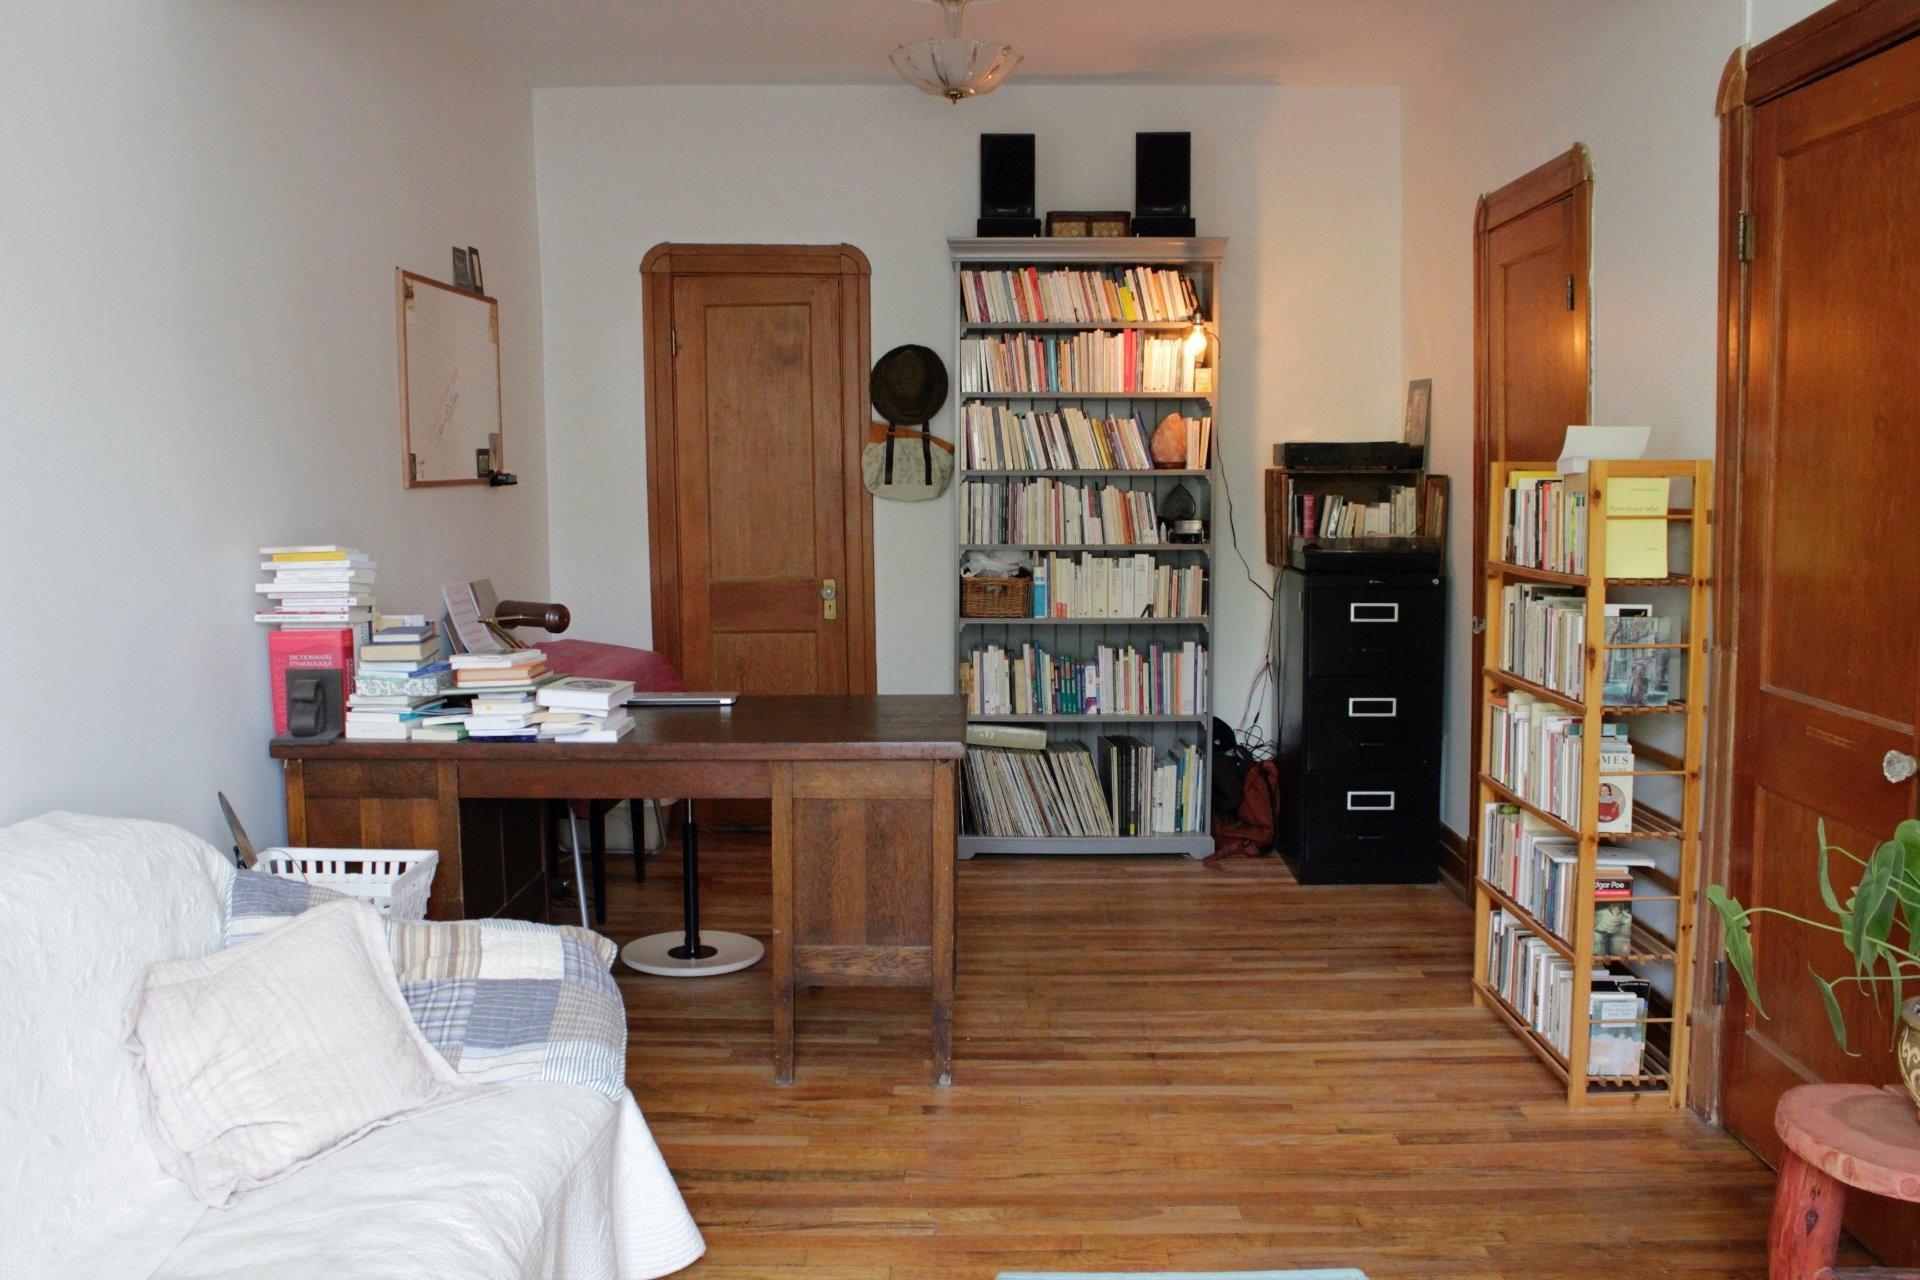 image 10 - Duplex À vendre Rosemont/La Petite-Patrie Montréal  - 6 pièces